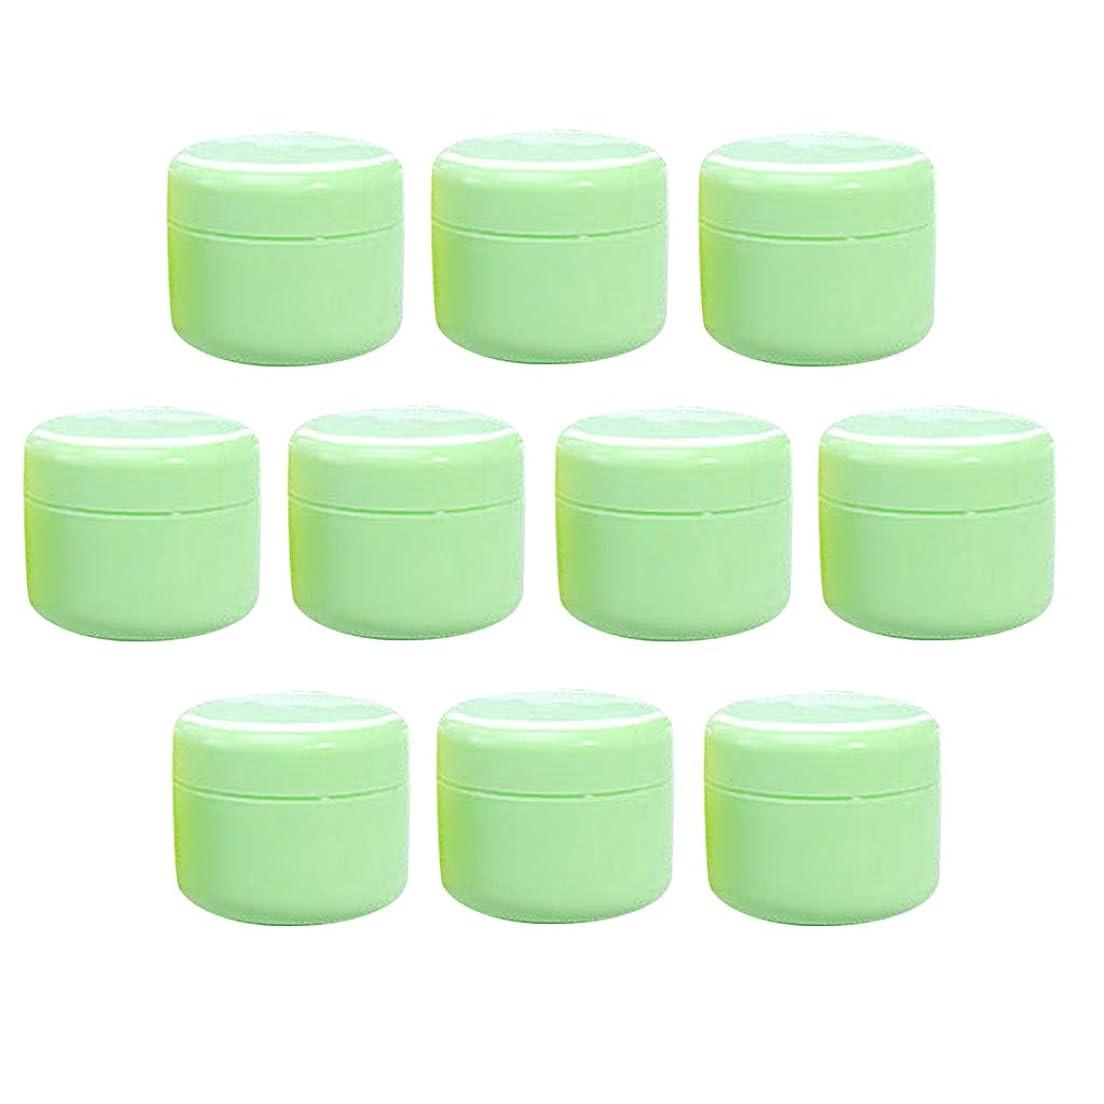 ひらめき飼料両方T TOOYFUL 空のクリーム容器 空のボトル クリームボトル 化粧品容器 詰替え容器 空の瓶 ジャー 全15色10個入り - グリーン50g